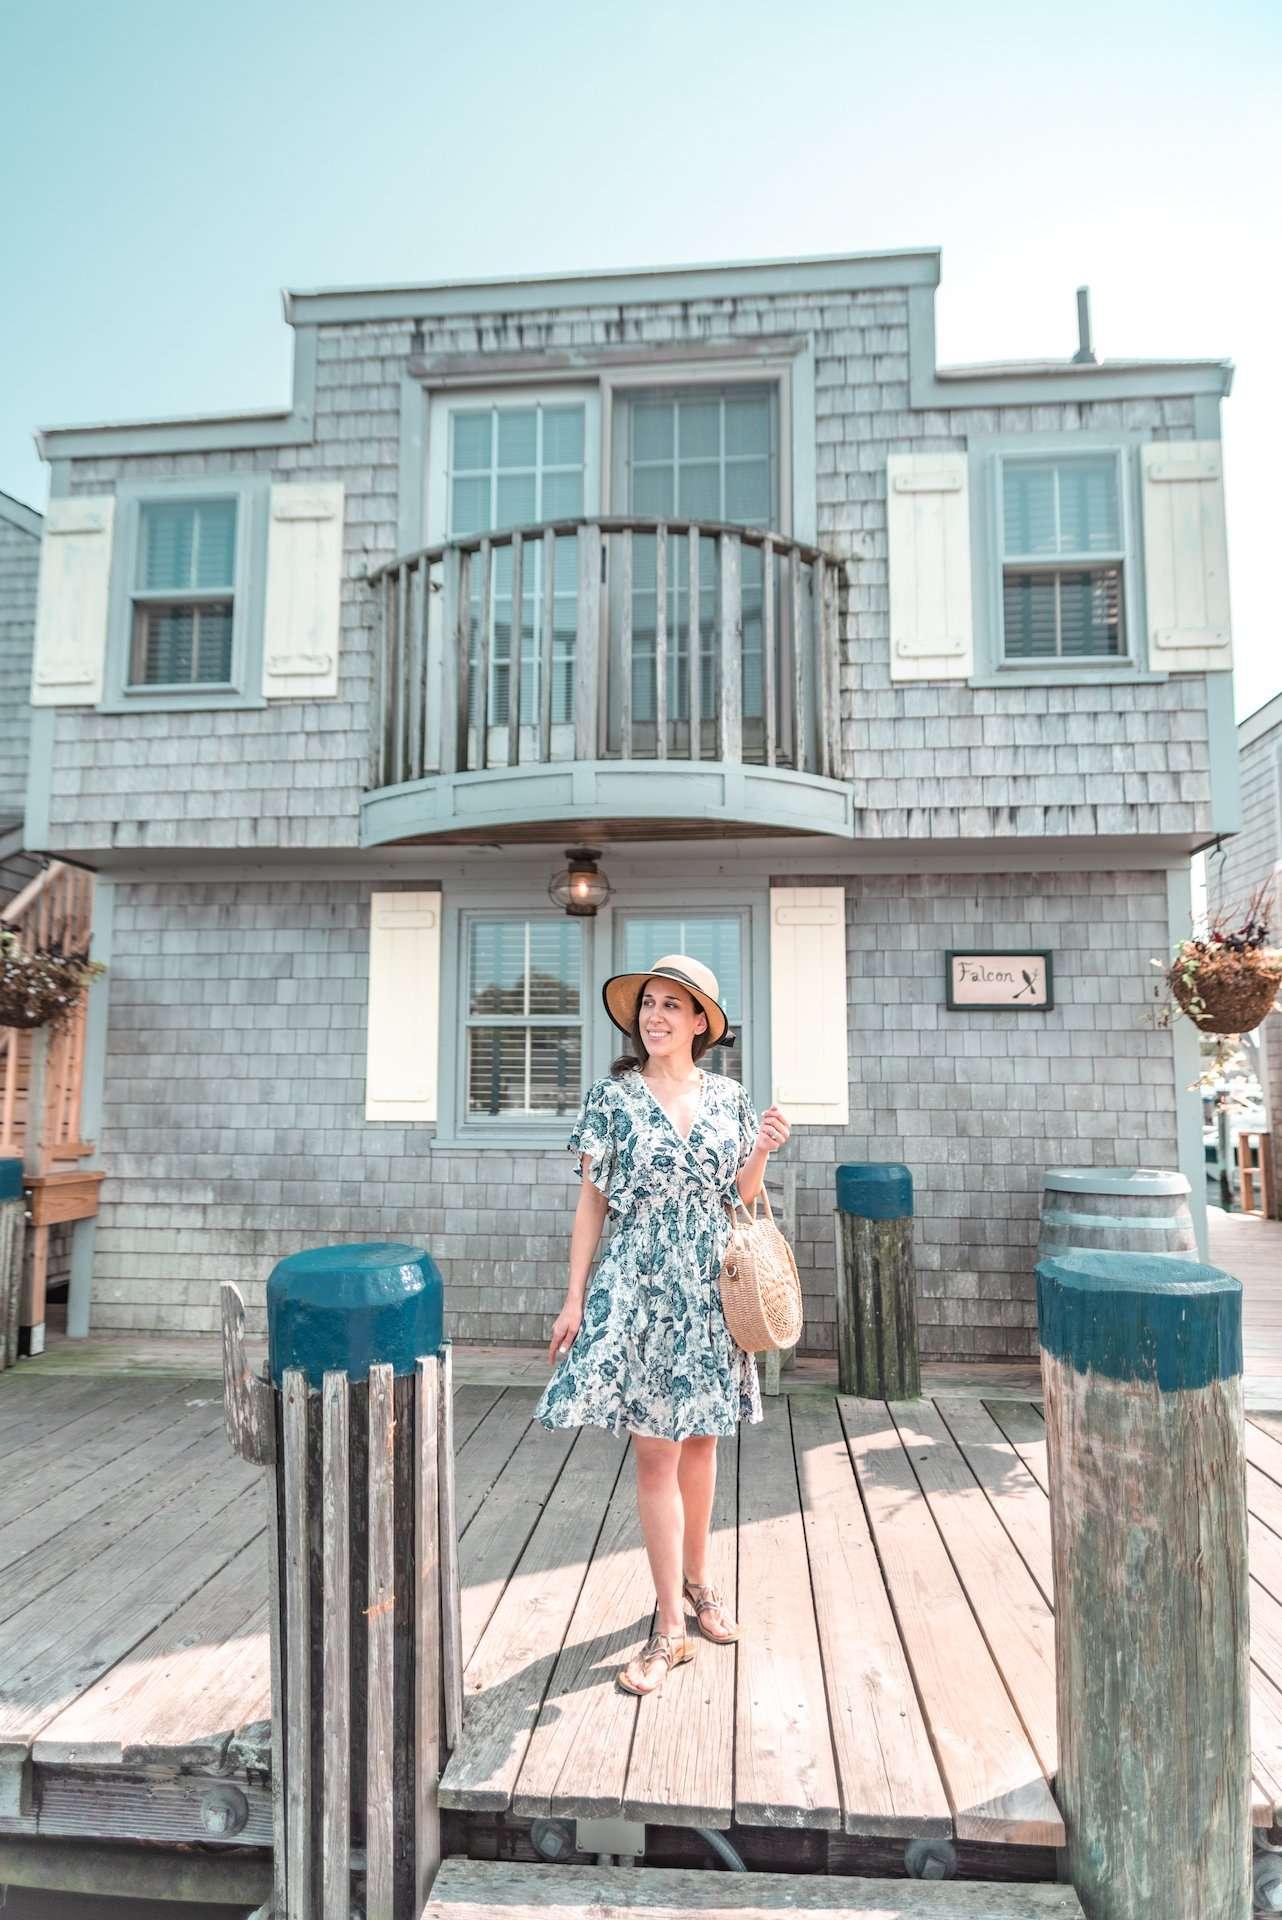 strolling along Nantucket Boat Basin